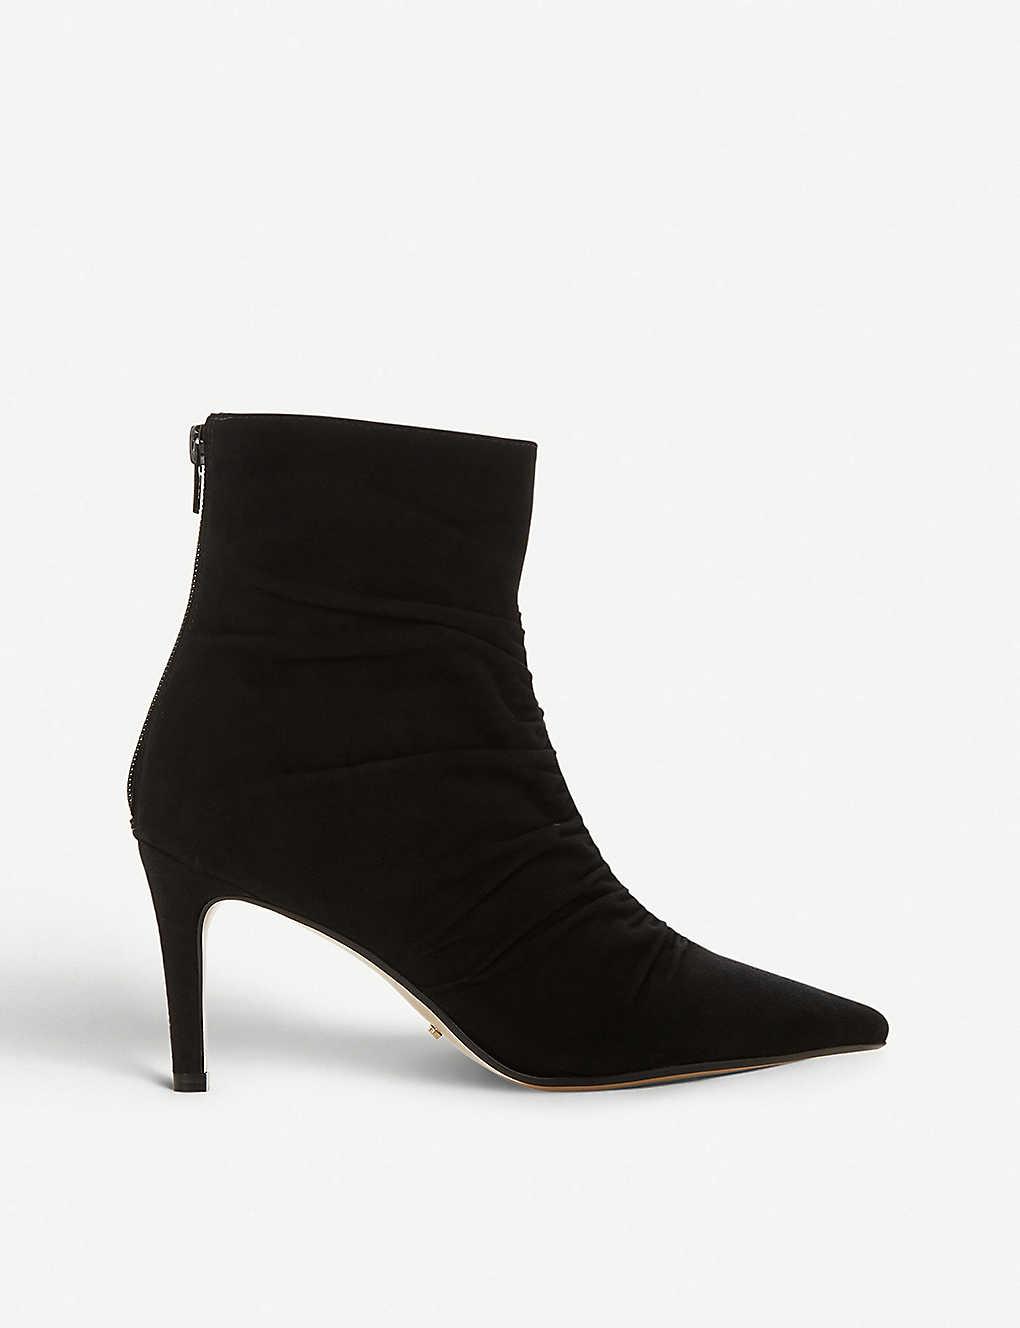 18d50cdefc87 DUNE - Oasis suede ankle boots | Selfridges.com